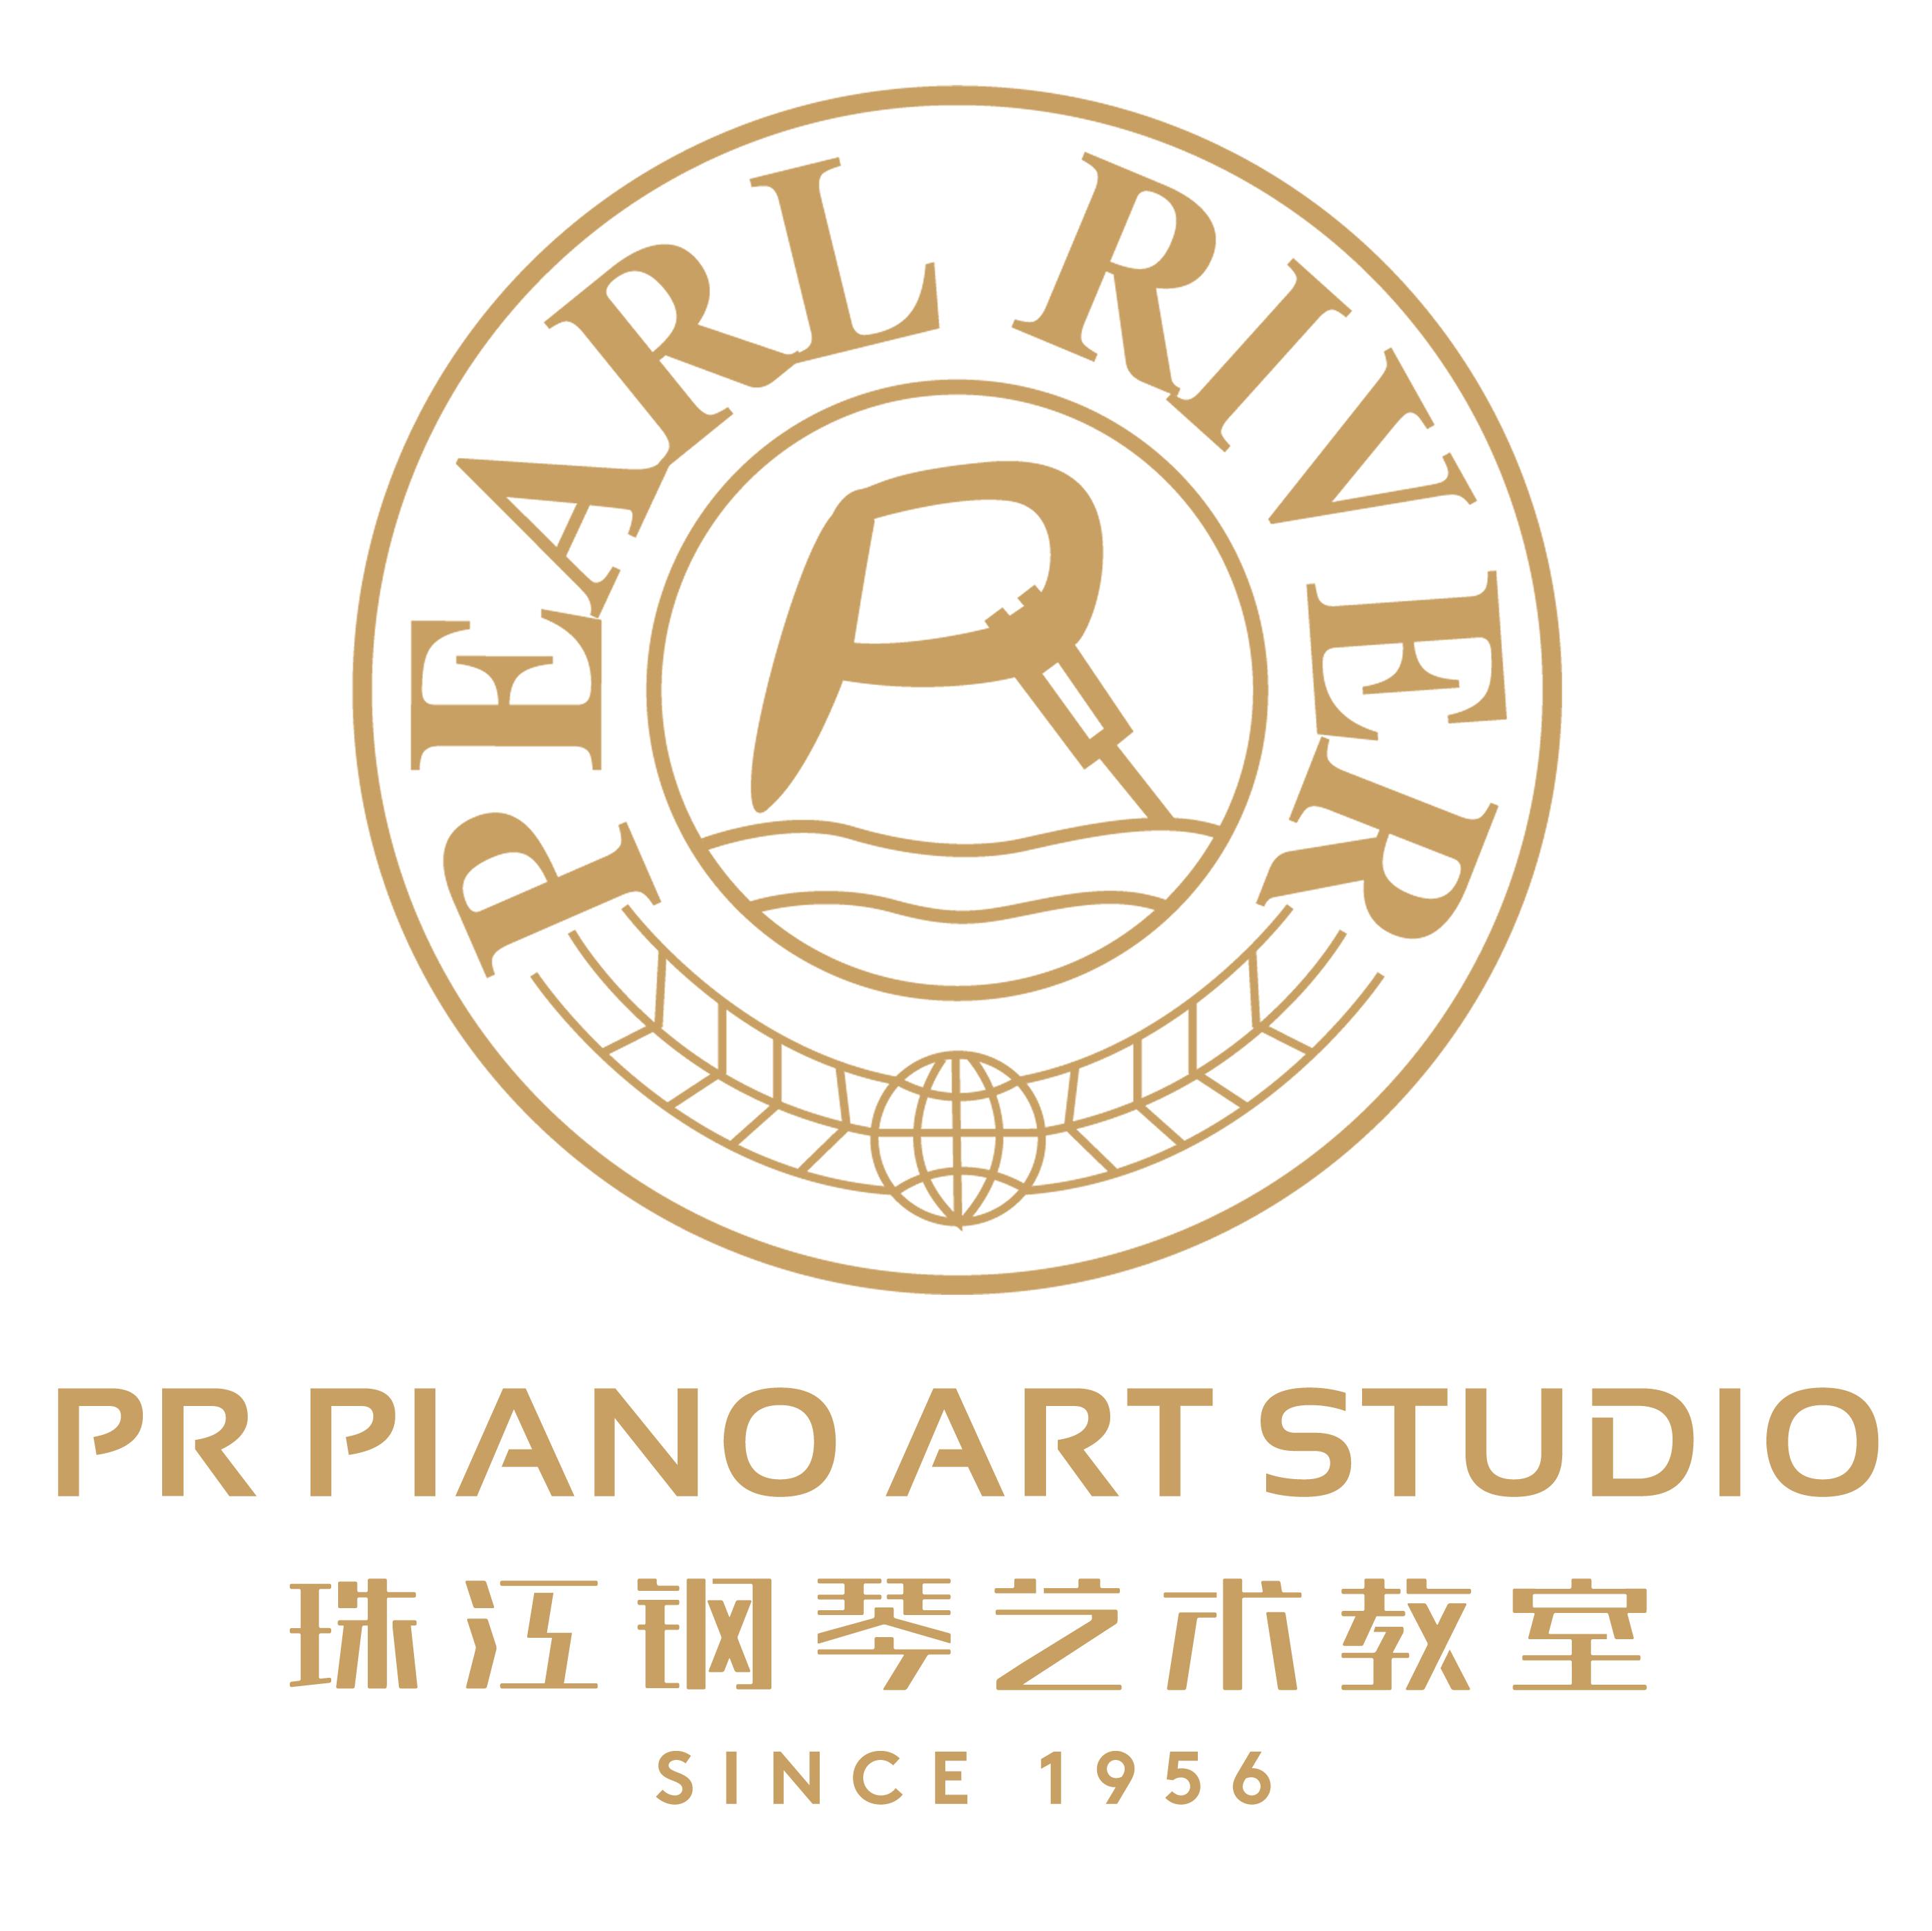 珠江钢琴艺术教室合作加盟